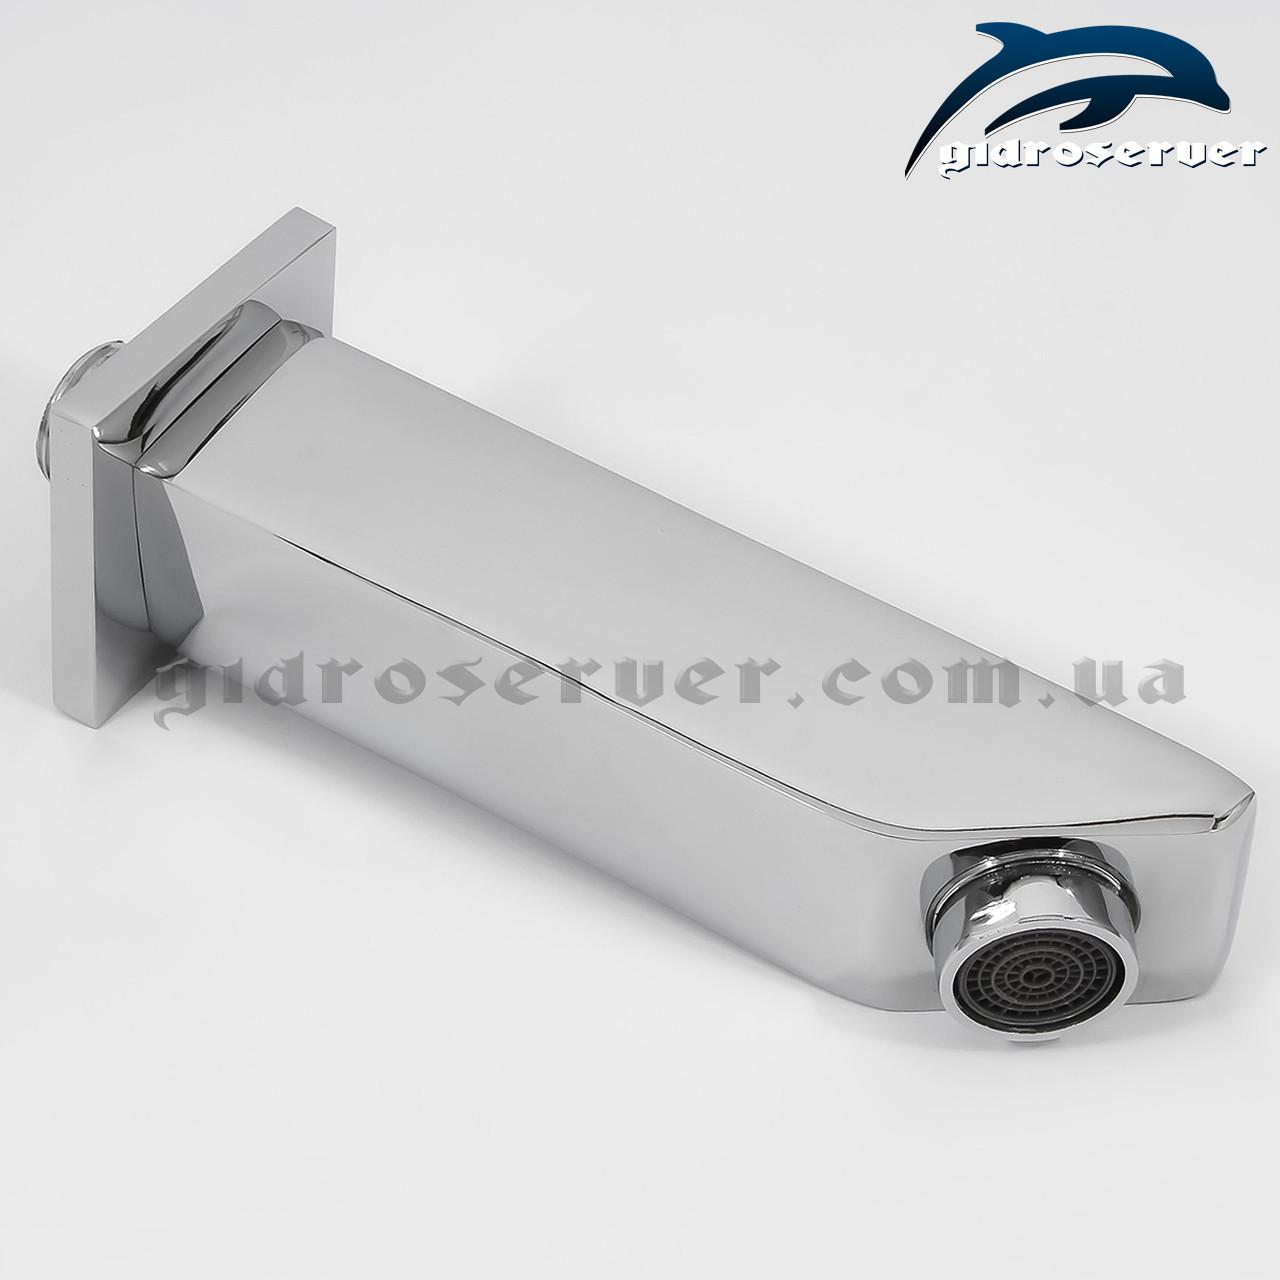 Излив (гусак) для душевой системы, душевого гарнитура скрытого монтажа IL-07.